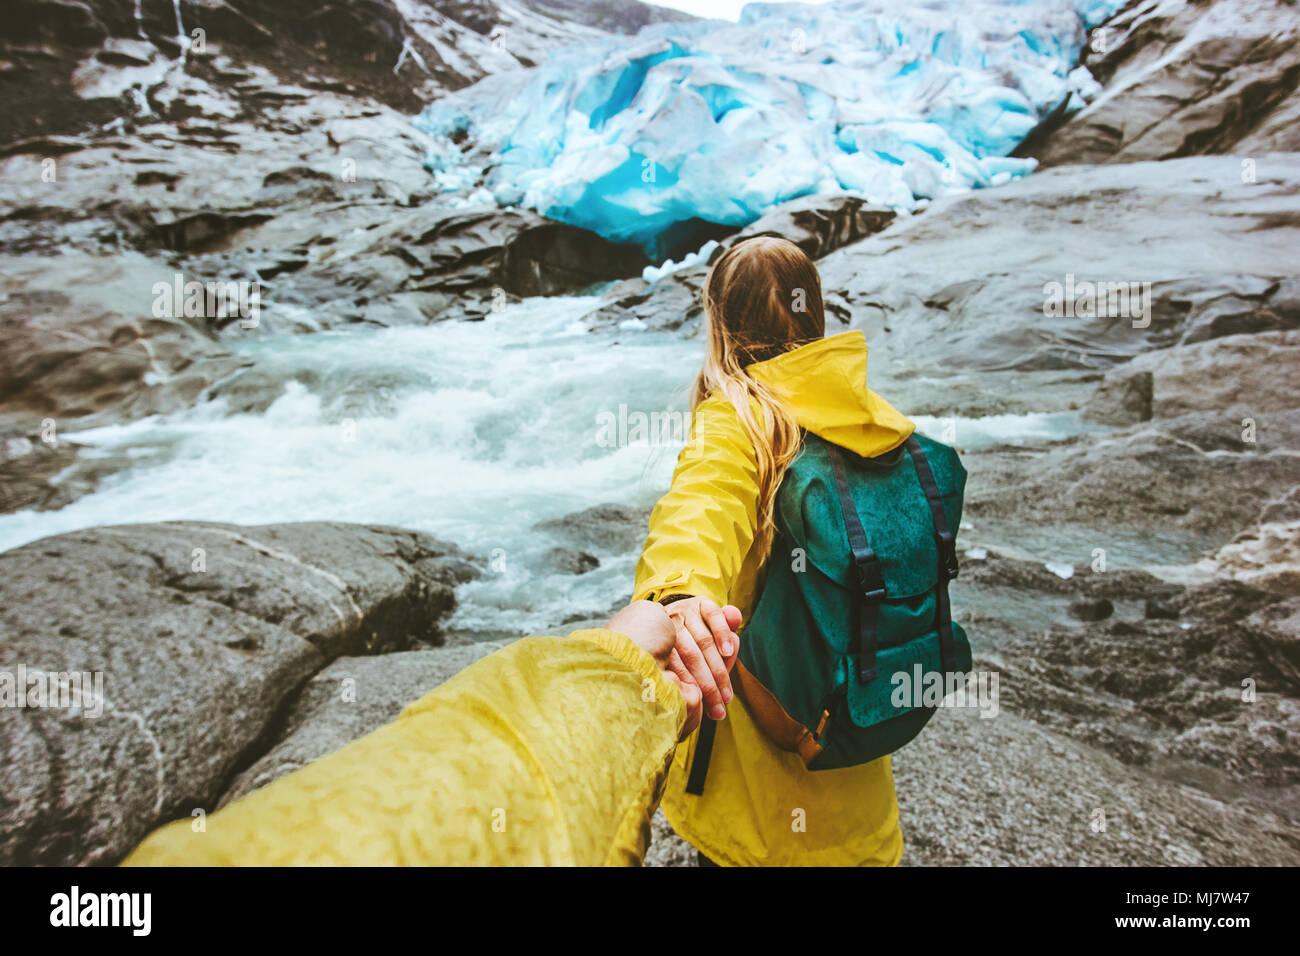 Accoppiare i viaggiatori seguire tenendo le mani nel ghiacciaio di montagne di amore e di viaggio il concetto di stile di vita attivo escursioni avventura vacanze in Norvegia natura selvaggia Immagini Stock